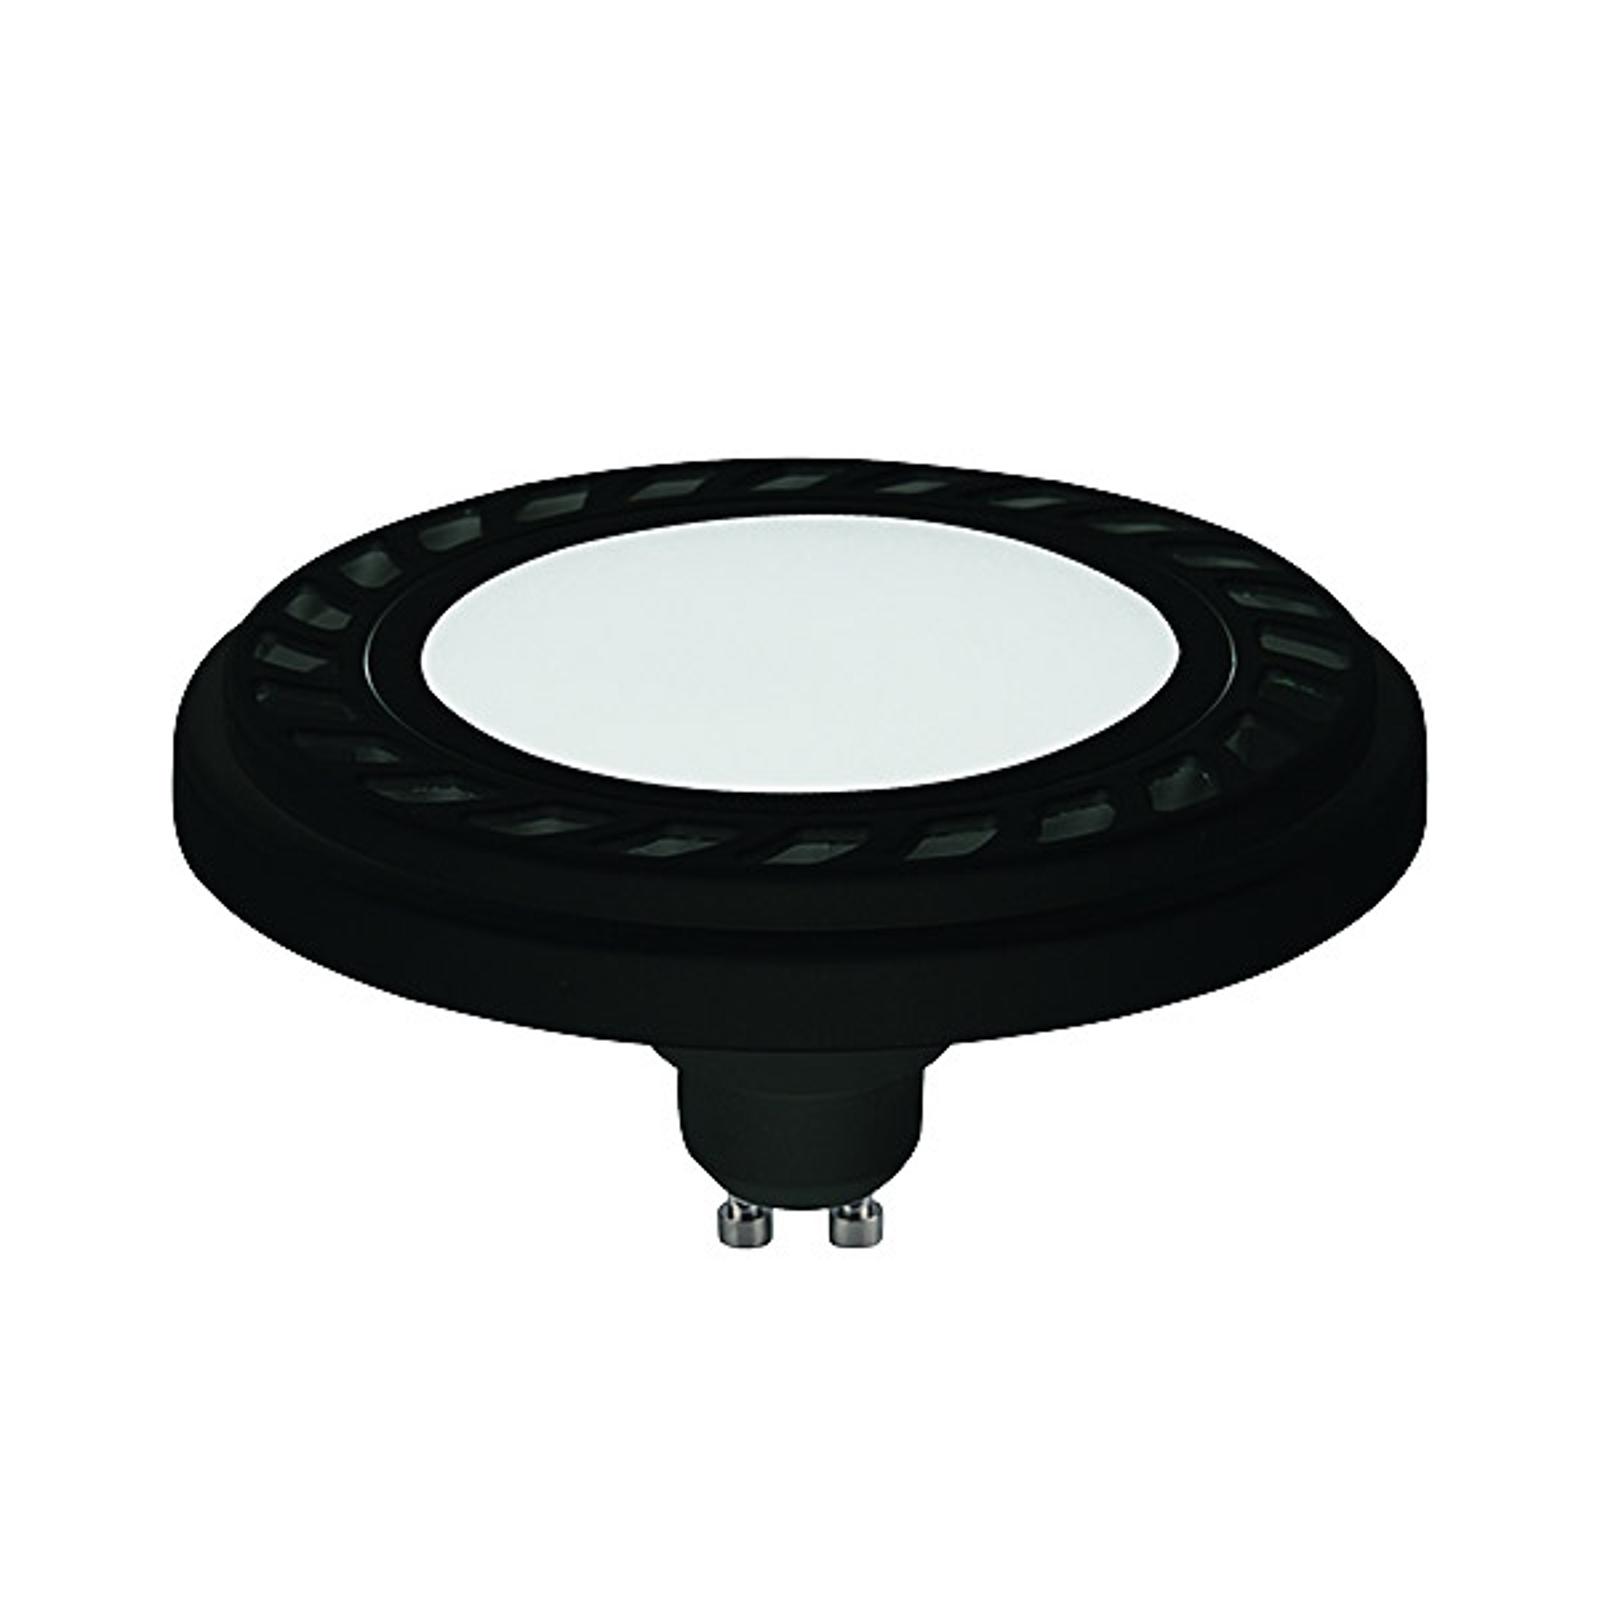 LED-Reflektor GU10 ES111 9W 120° schwarz 4.000K